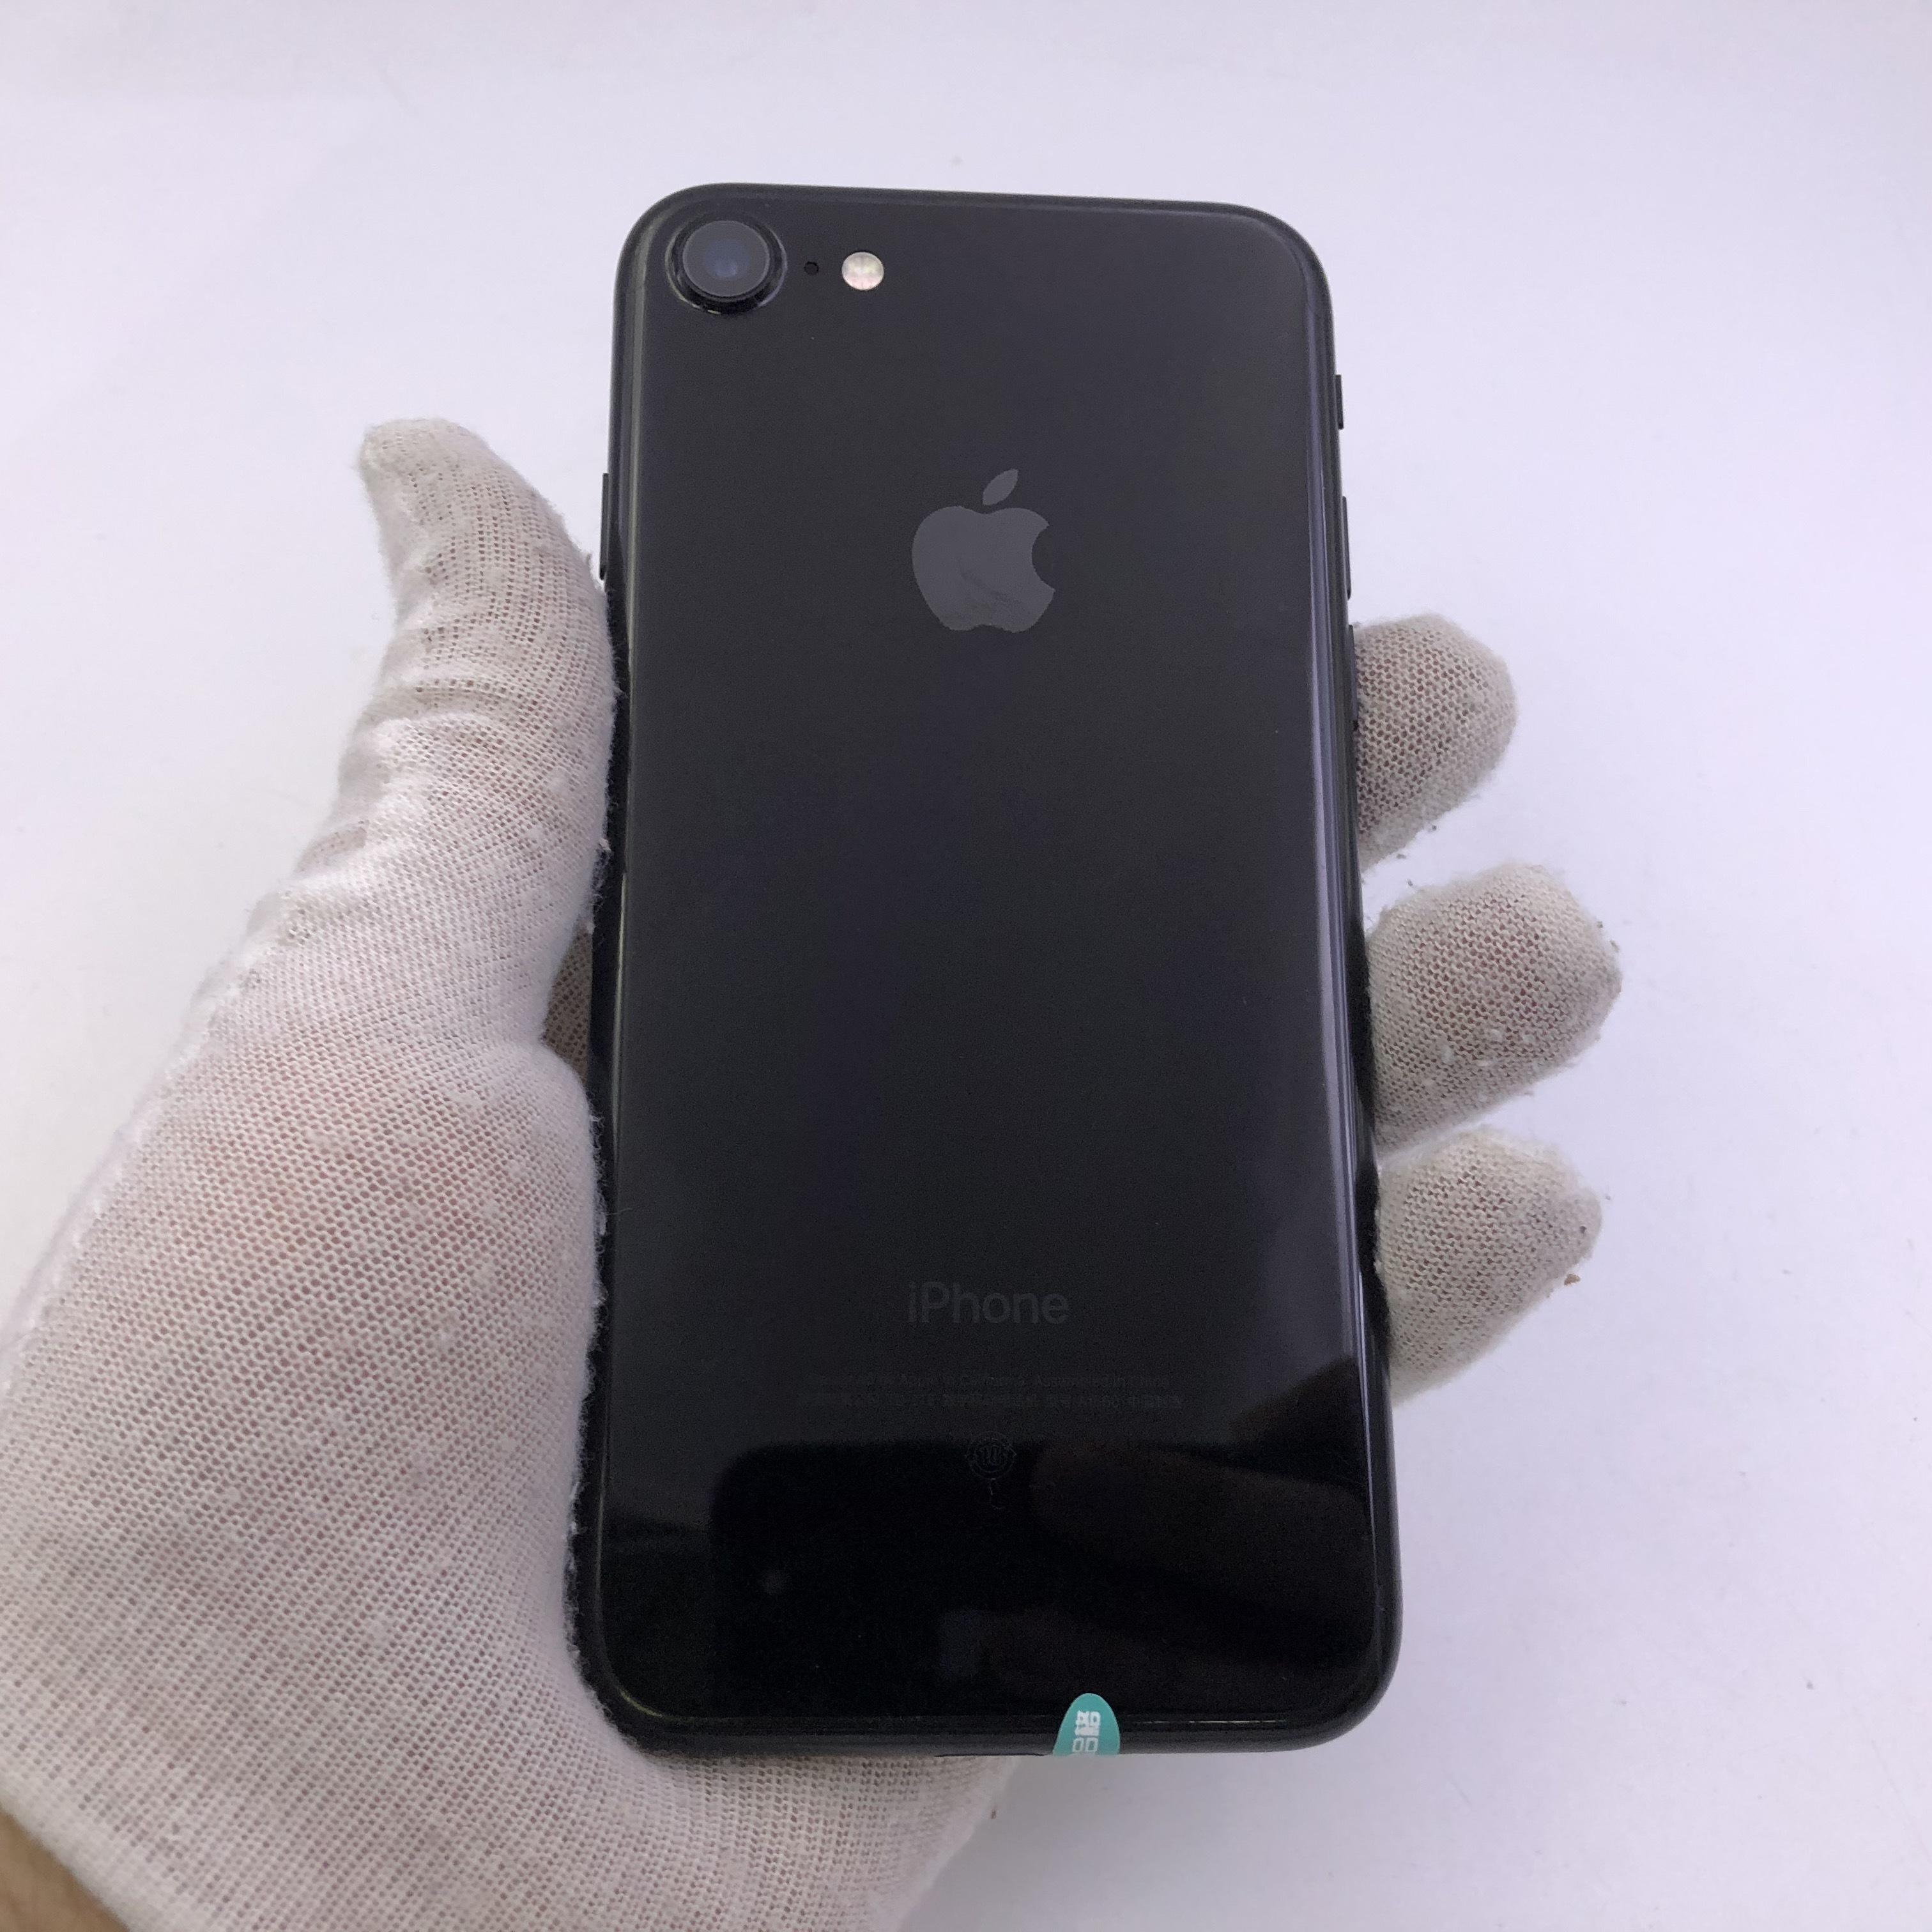 苹果【iPhone 7】4G全网通 亮黑色 128G 国行 95新